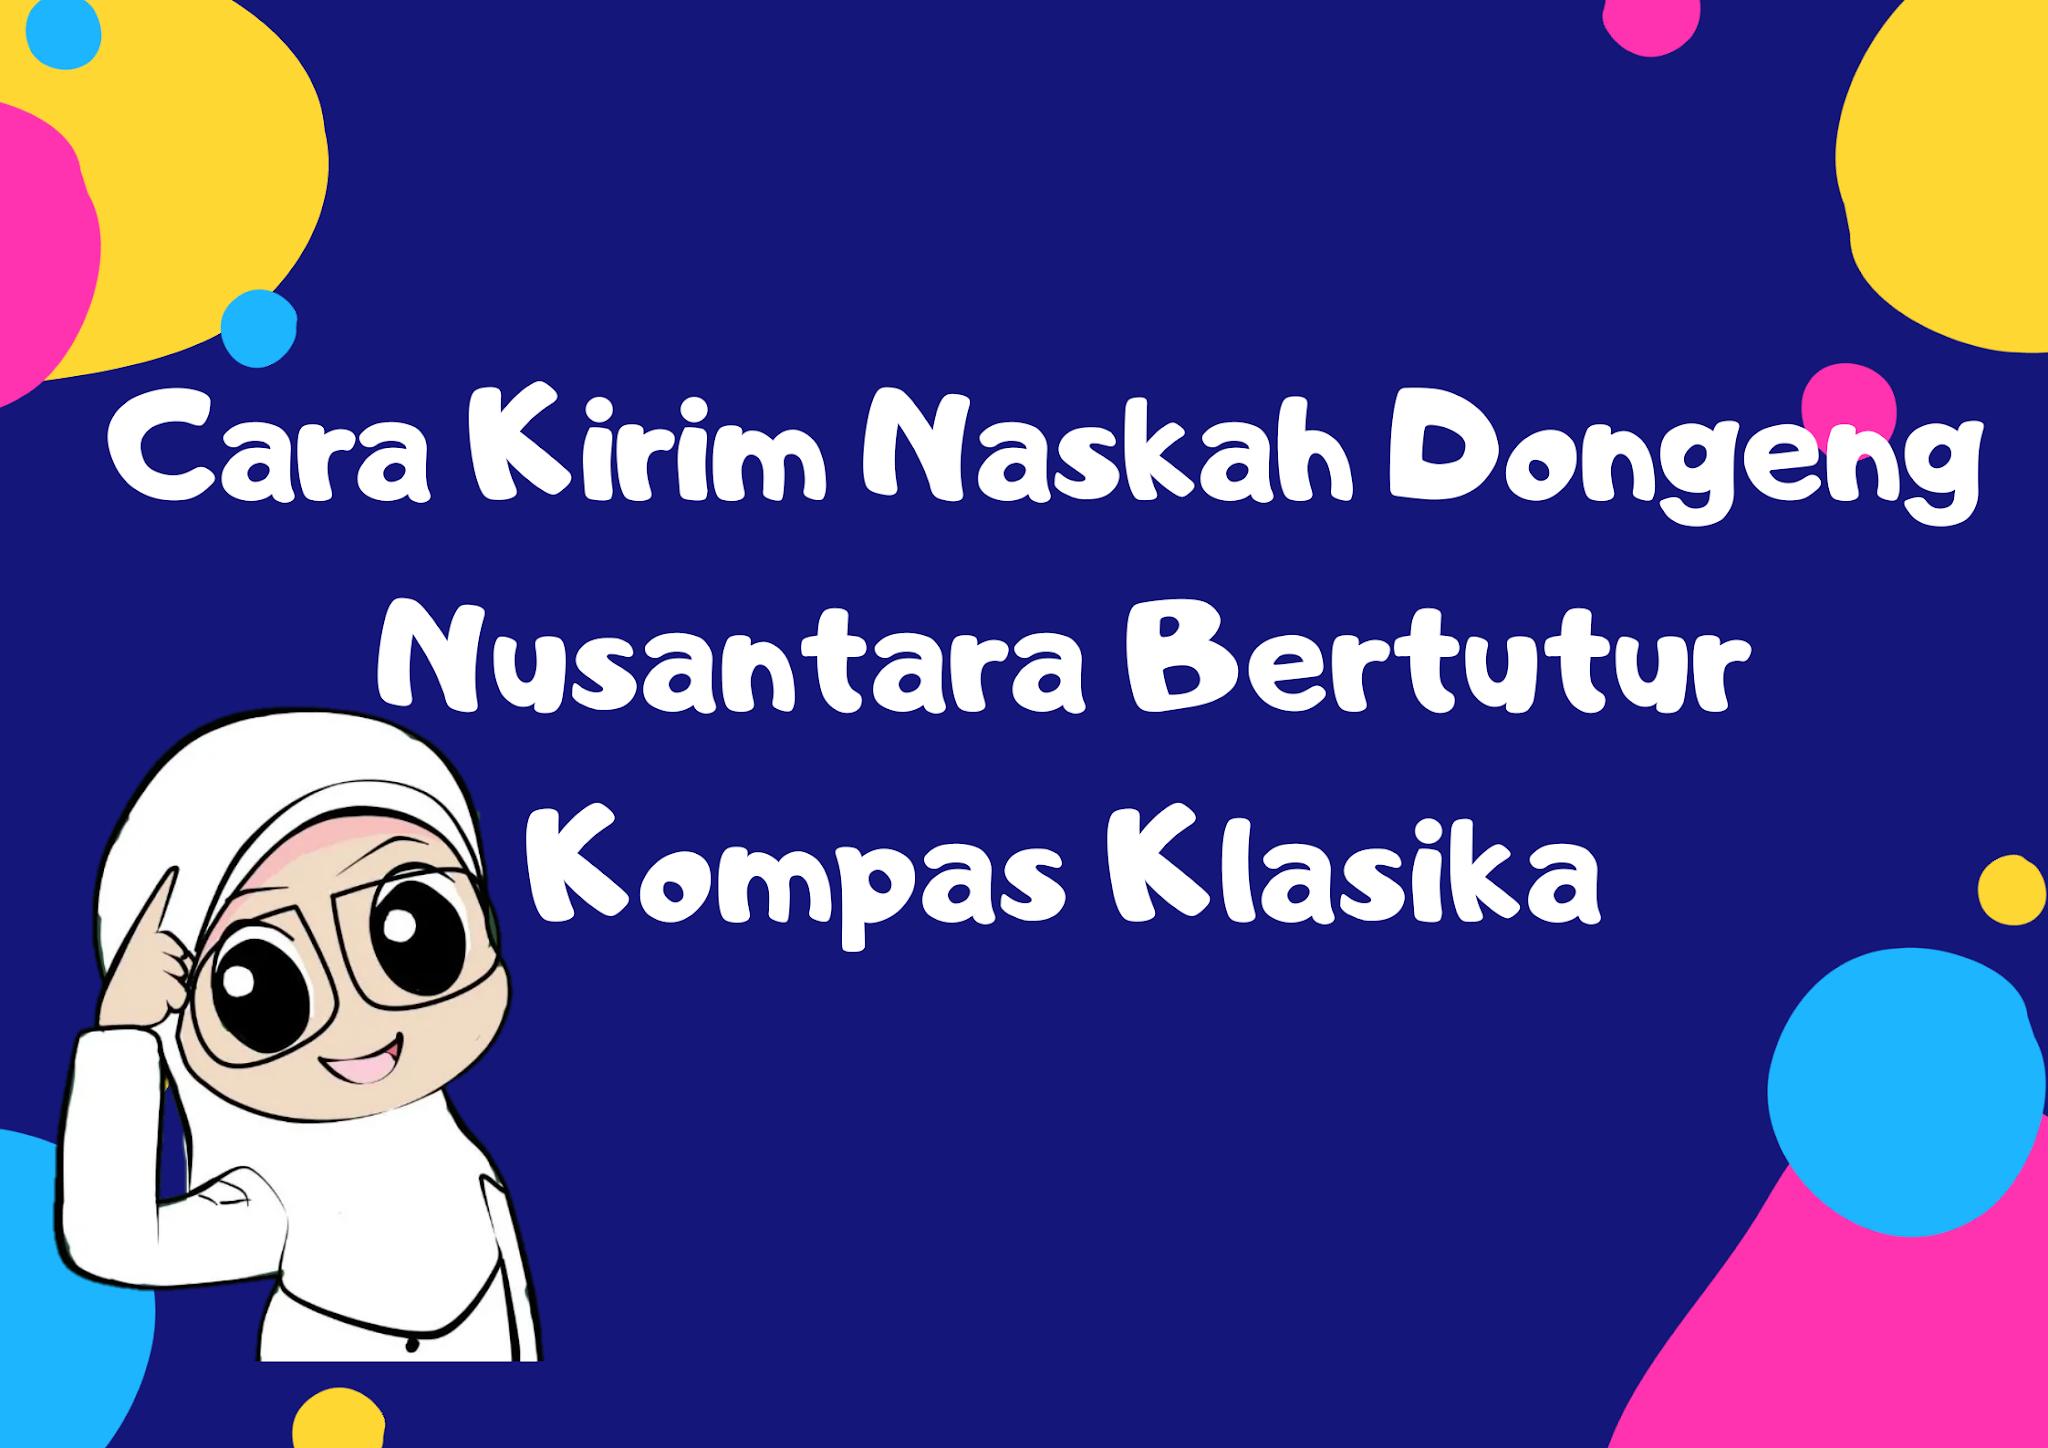 Nusantara Bertutur adalah